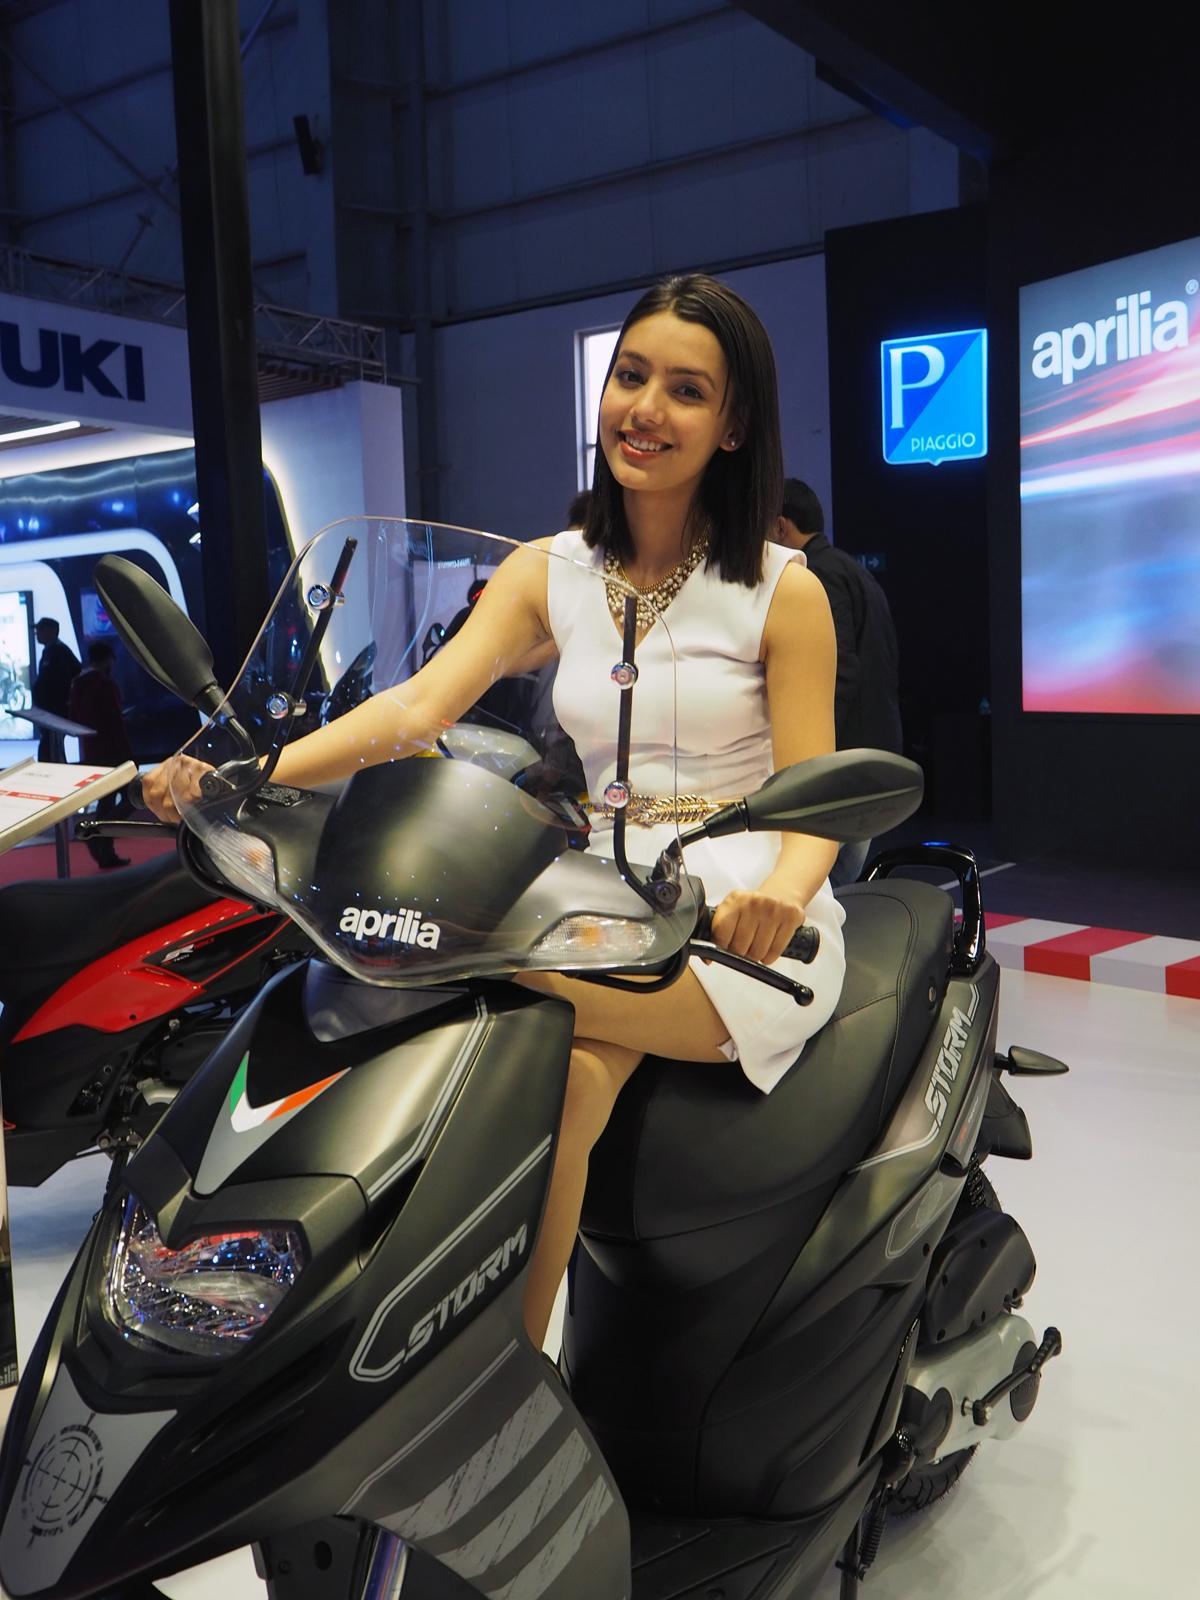 【過激か!? それともマジメか?】AUTO EXPOで見たインドのコンパニオン事情